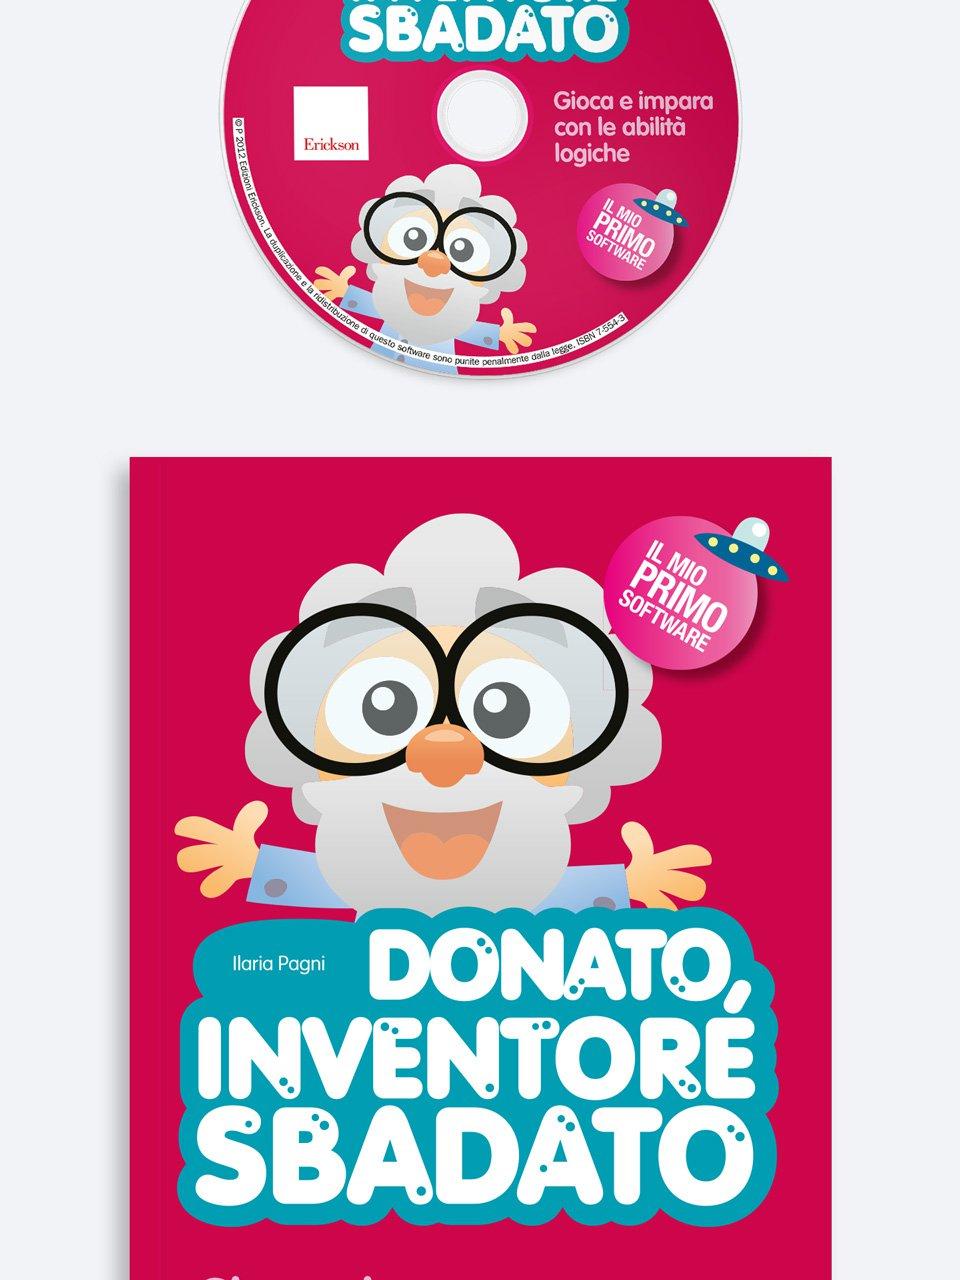 Donato, inventore sbadato - Prime storie 2 - SCUOLA DELL'INFANZIA - Libri - Erickson